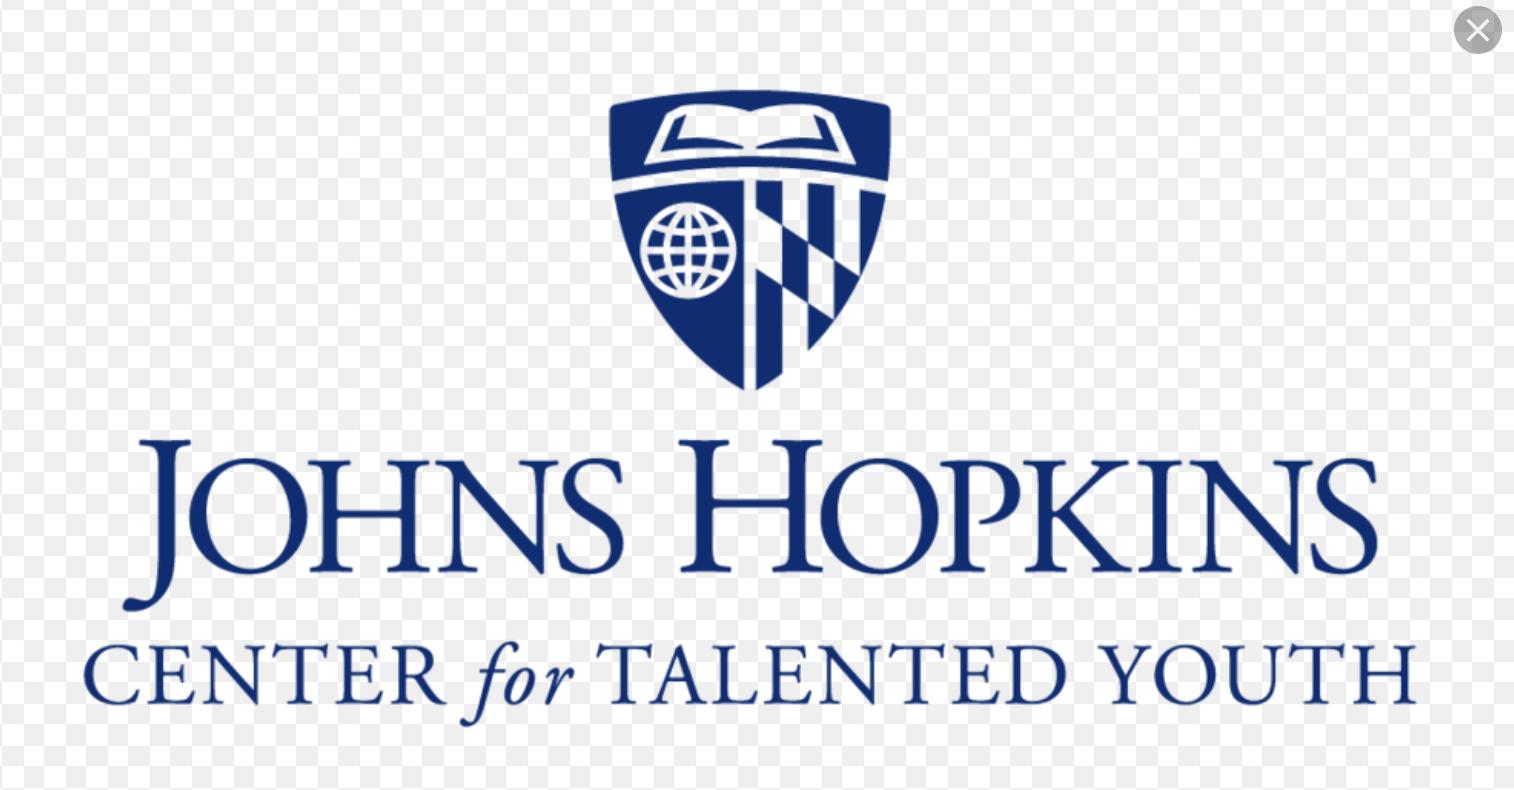 约翰霍普金斯夏校:Johns Hopkins Center for Talented Youth